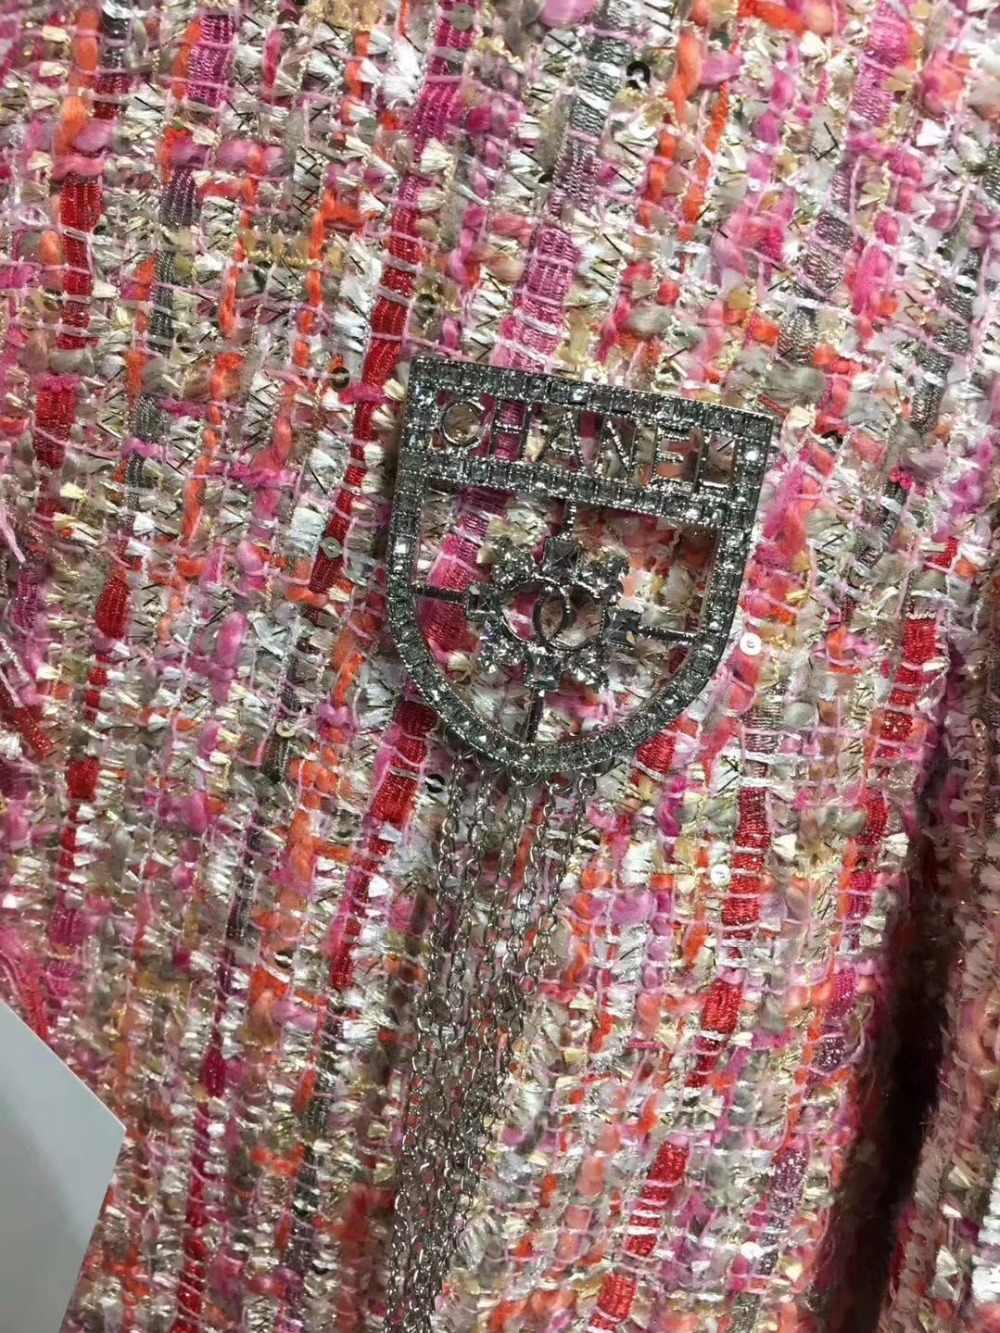 ชุดสตรี 2018 ใหม่ที่สวยงาม 2 ชิ้นชุดเสื้อและกระโปรงHigh Street fringed Trimเสื้อผ้าสำหรับผู้หญิงเครื่องแต่งกาย